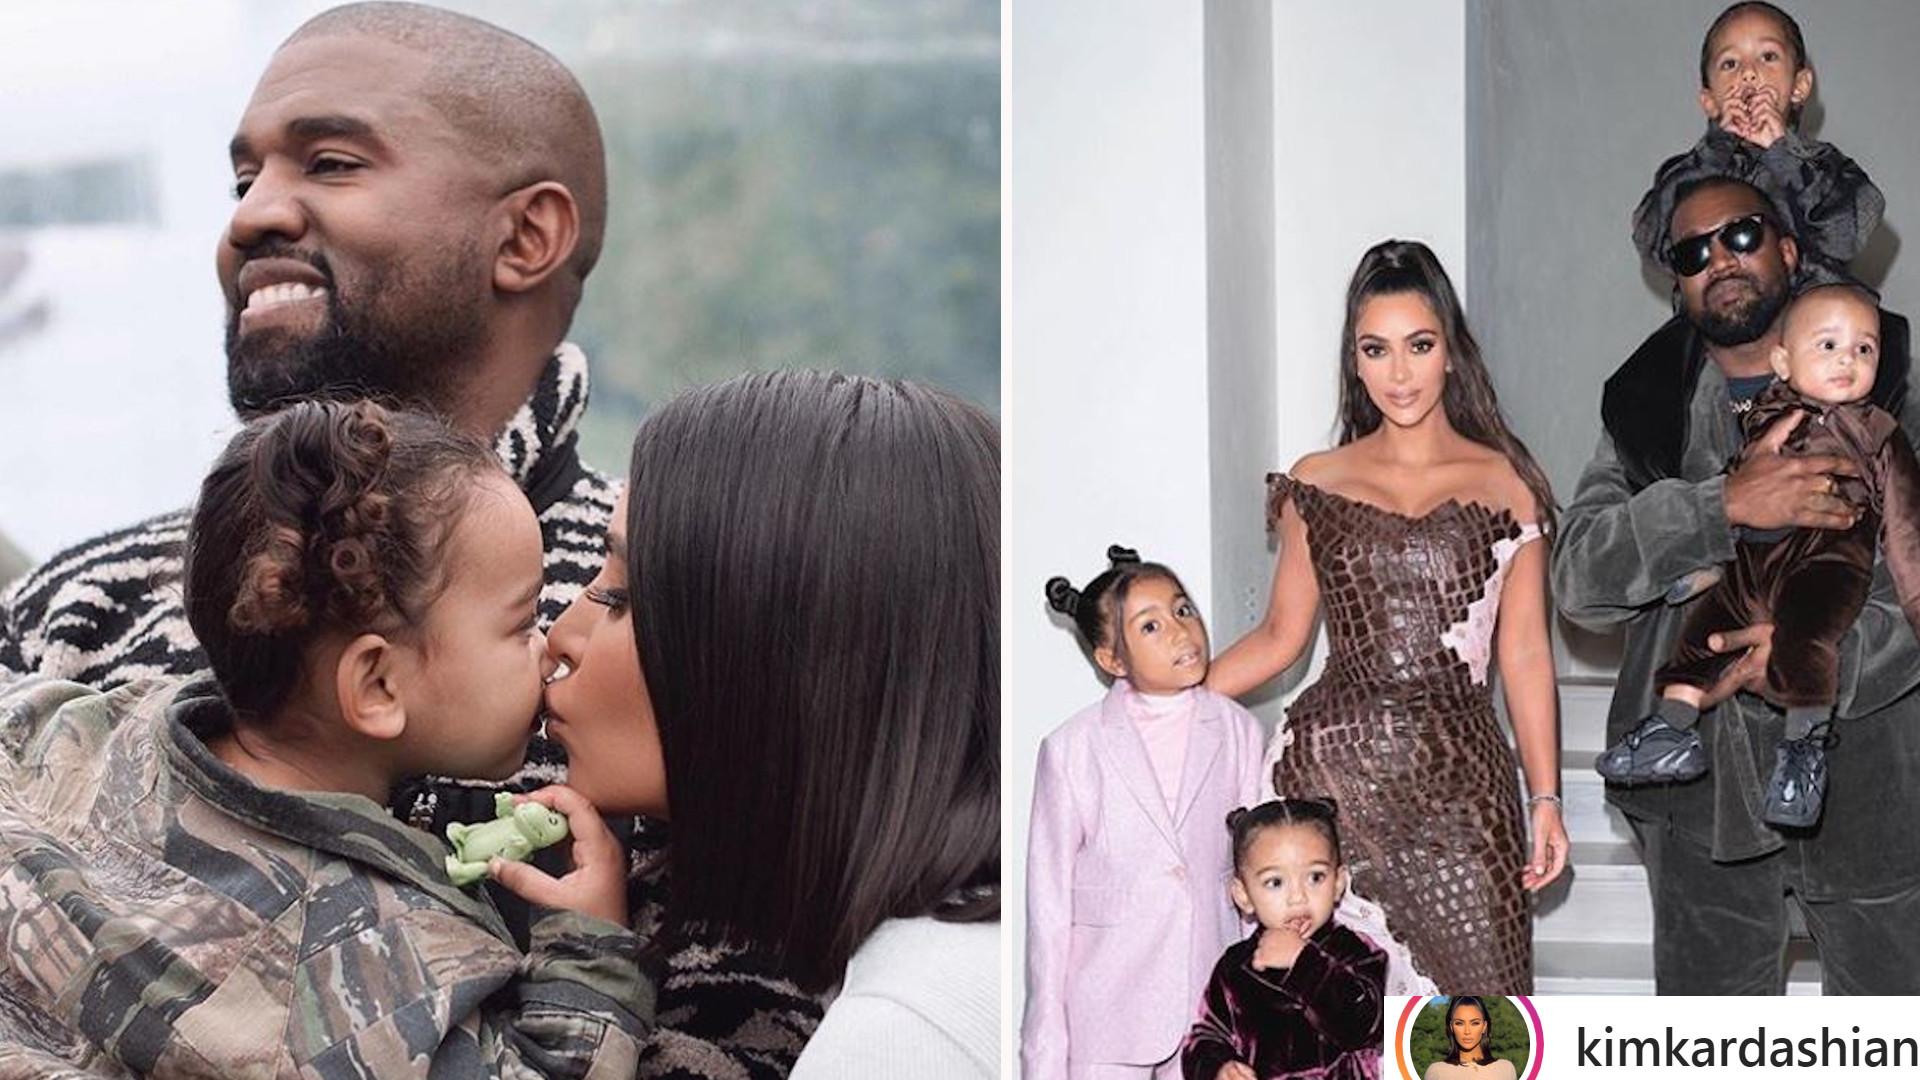 W 2020 roku urodzi się kolejne dziecko Kim Kardashian i Kanye Westa?!